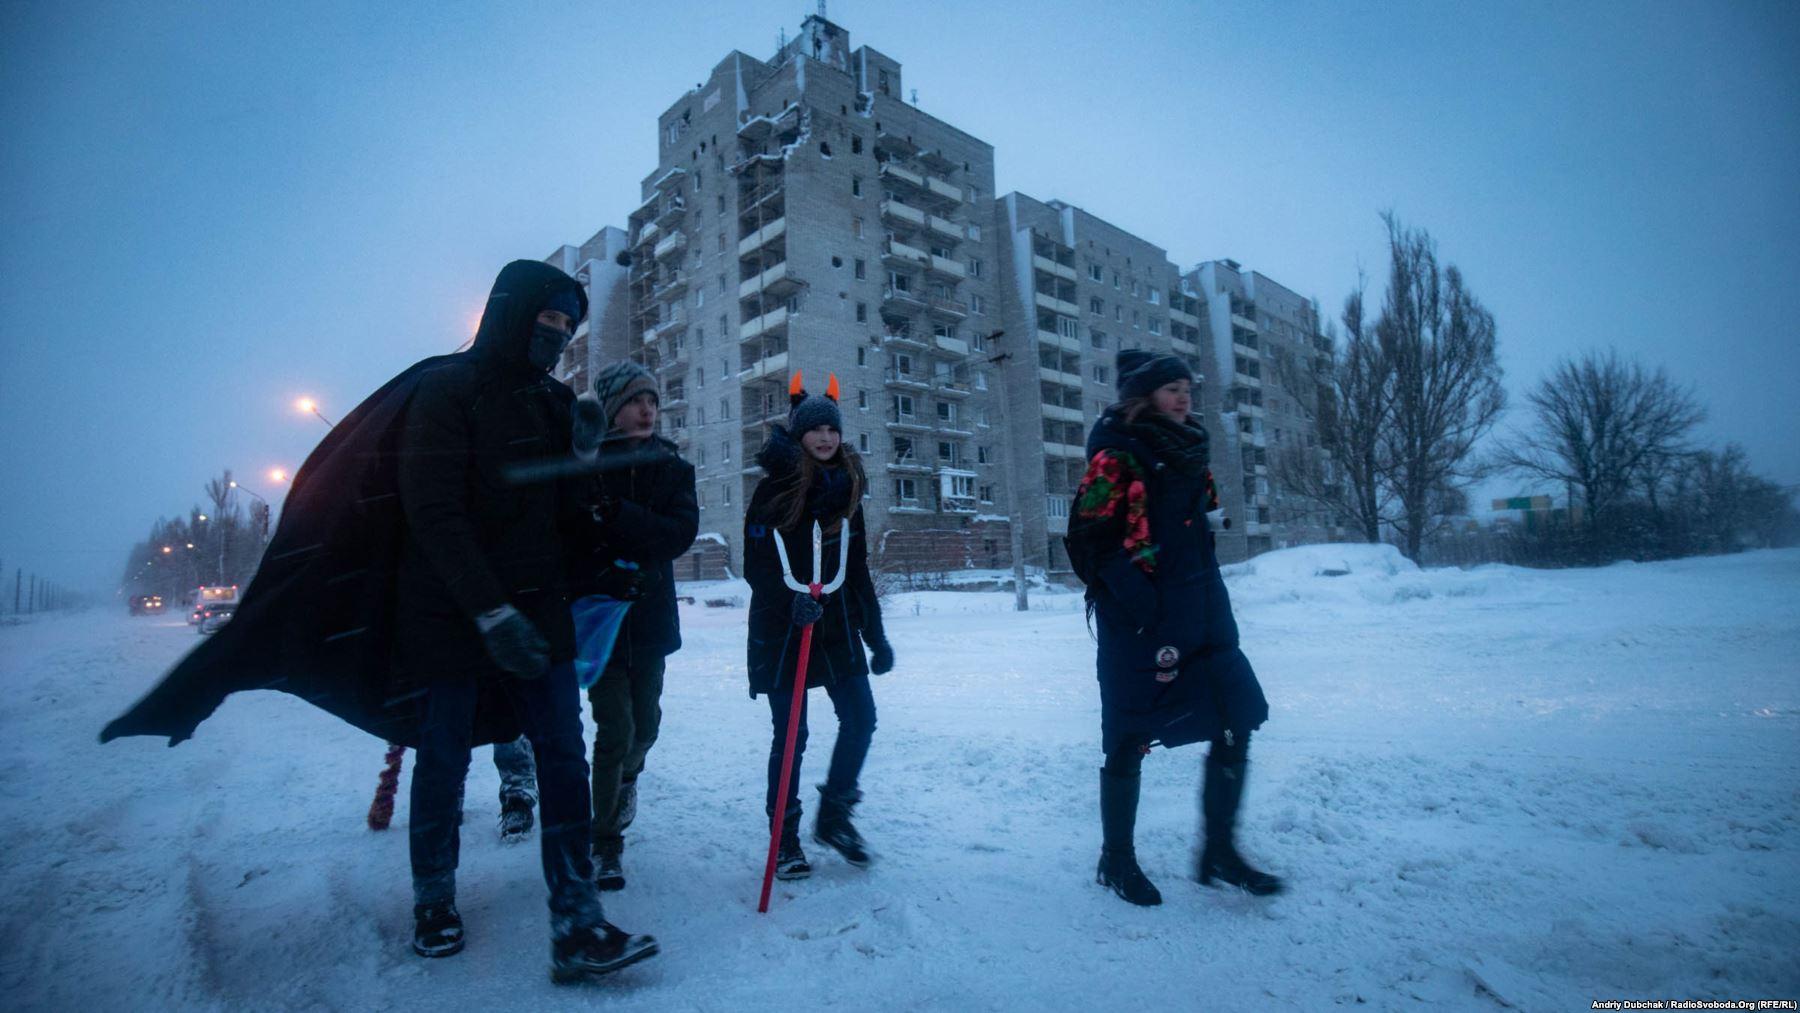 Діти колядники йдуть повз зруйновані війною будинки у Авдіївці. Фото - Андрій Дубчак